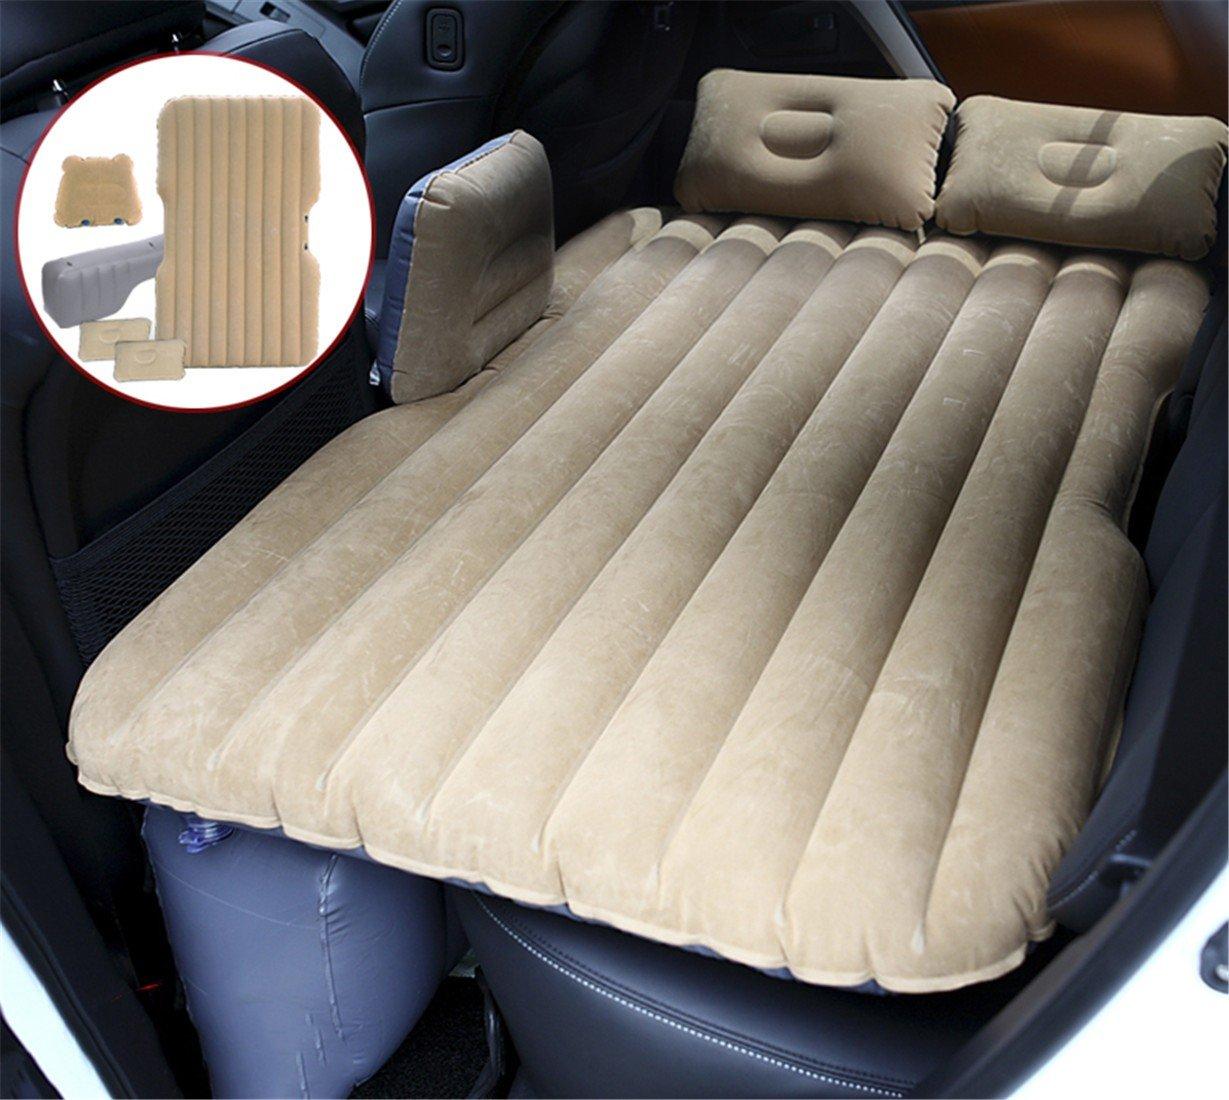 STAZSX Auto aufblasbare Bett reisebett SUV matratze Auto Hinten auspuff Pad Bett autositz Erwachsene schlafauflage, khaki-135x78CM